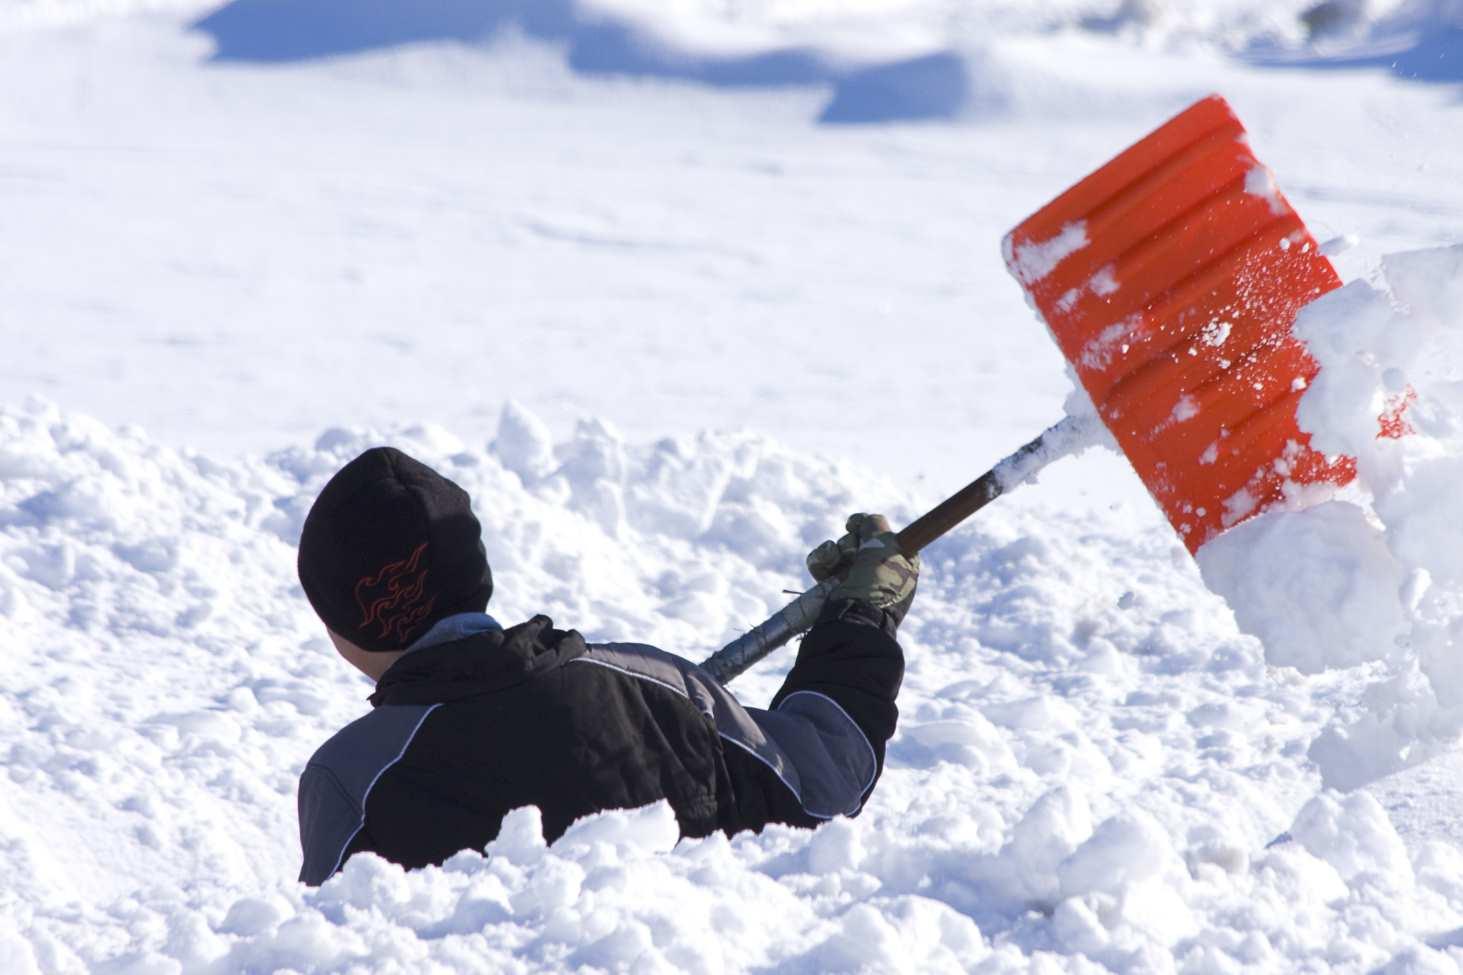 v-peterburge-chinovniki-vyzvali-uchitelej-na-uborku-snega-v-vyhodnye